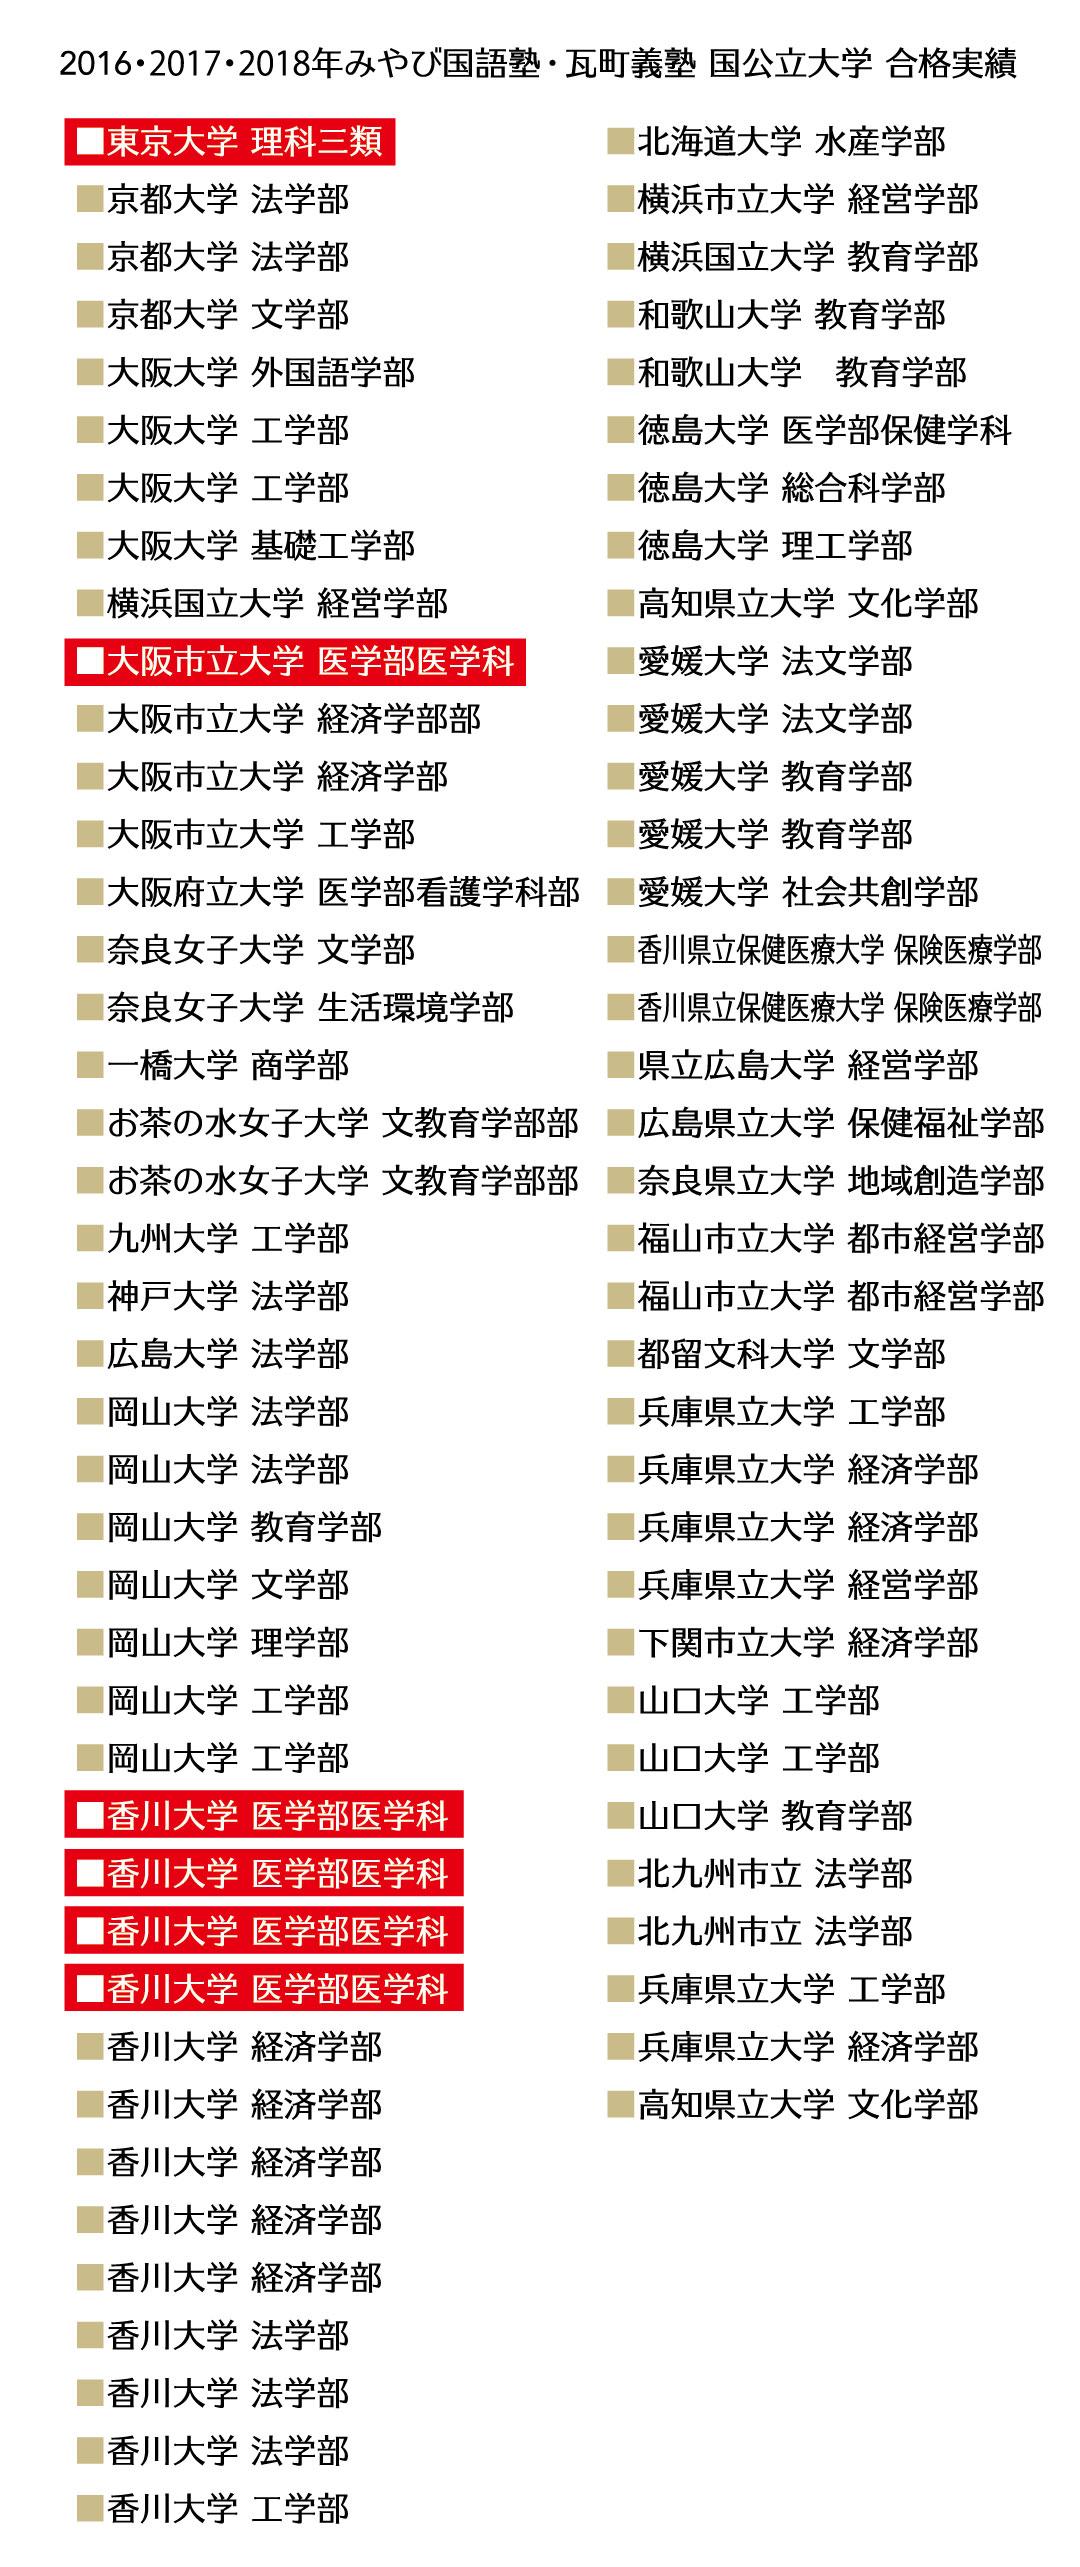 2016・2017・2018年みやび国語塾 国公立大学 合格実績